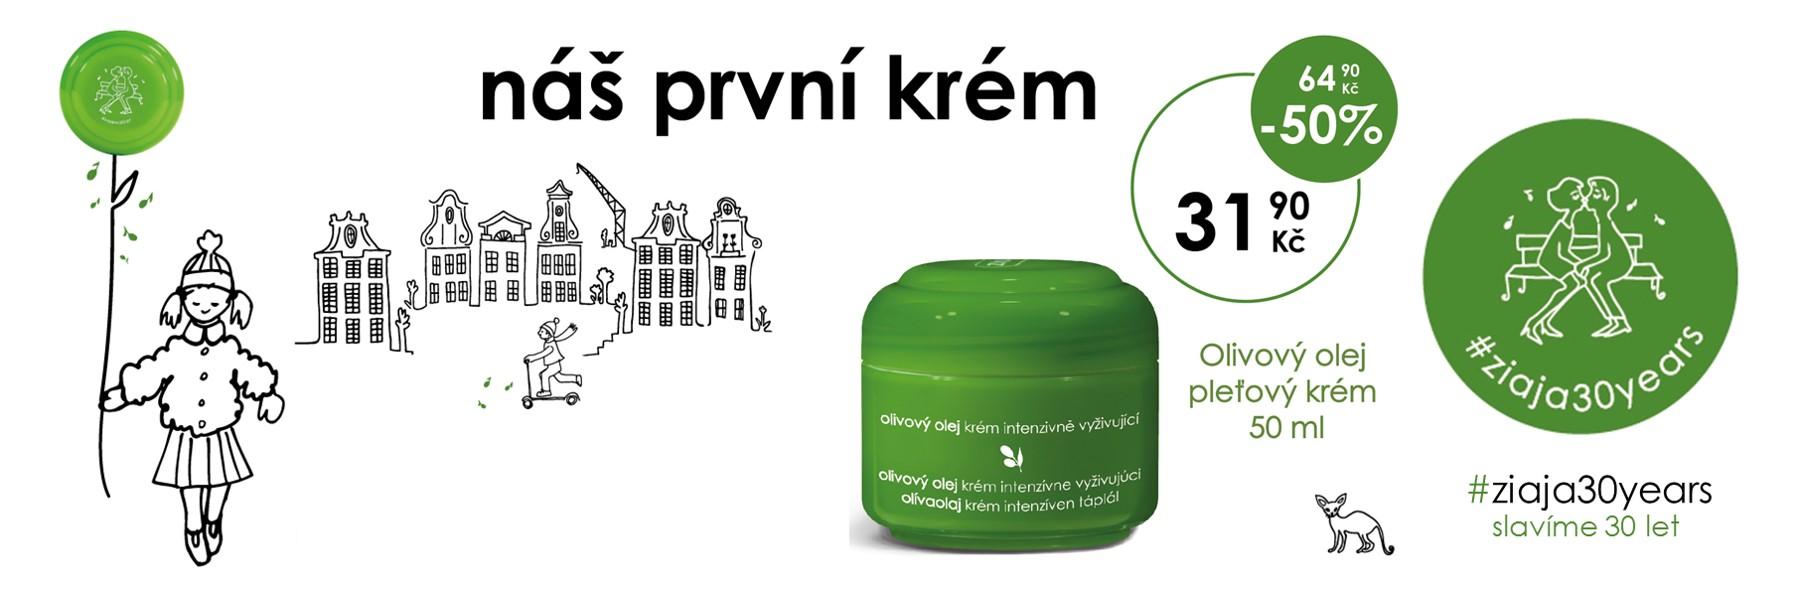 #30years_oliva krém_-50%